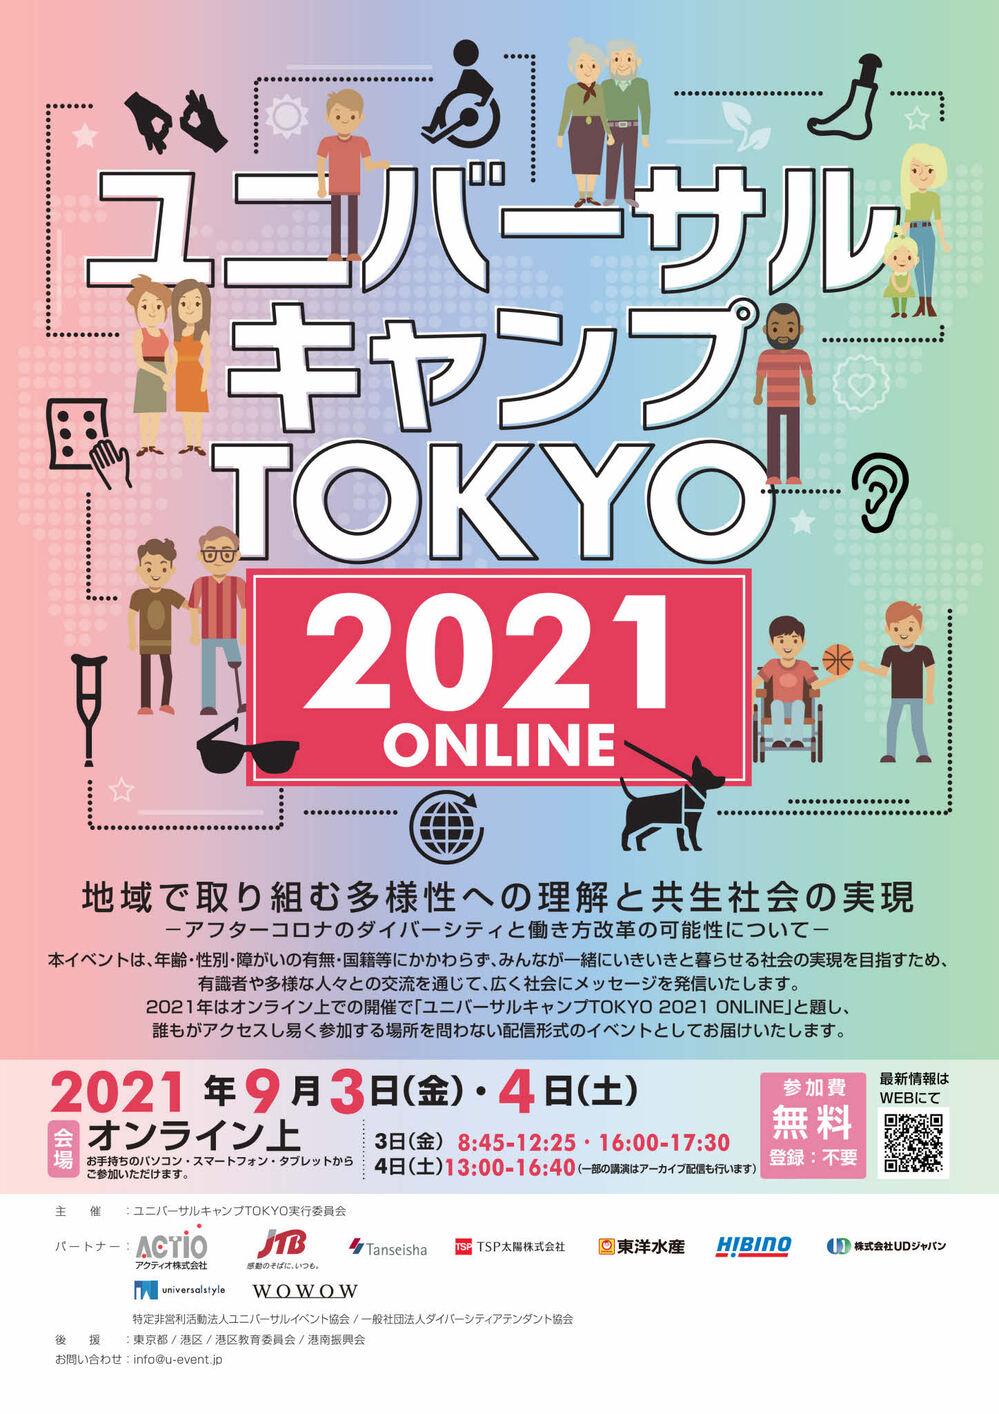 ユニバーサルキャンプTOKYO2021_パンフレット_page001.jpg